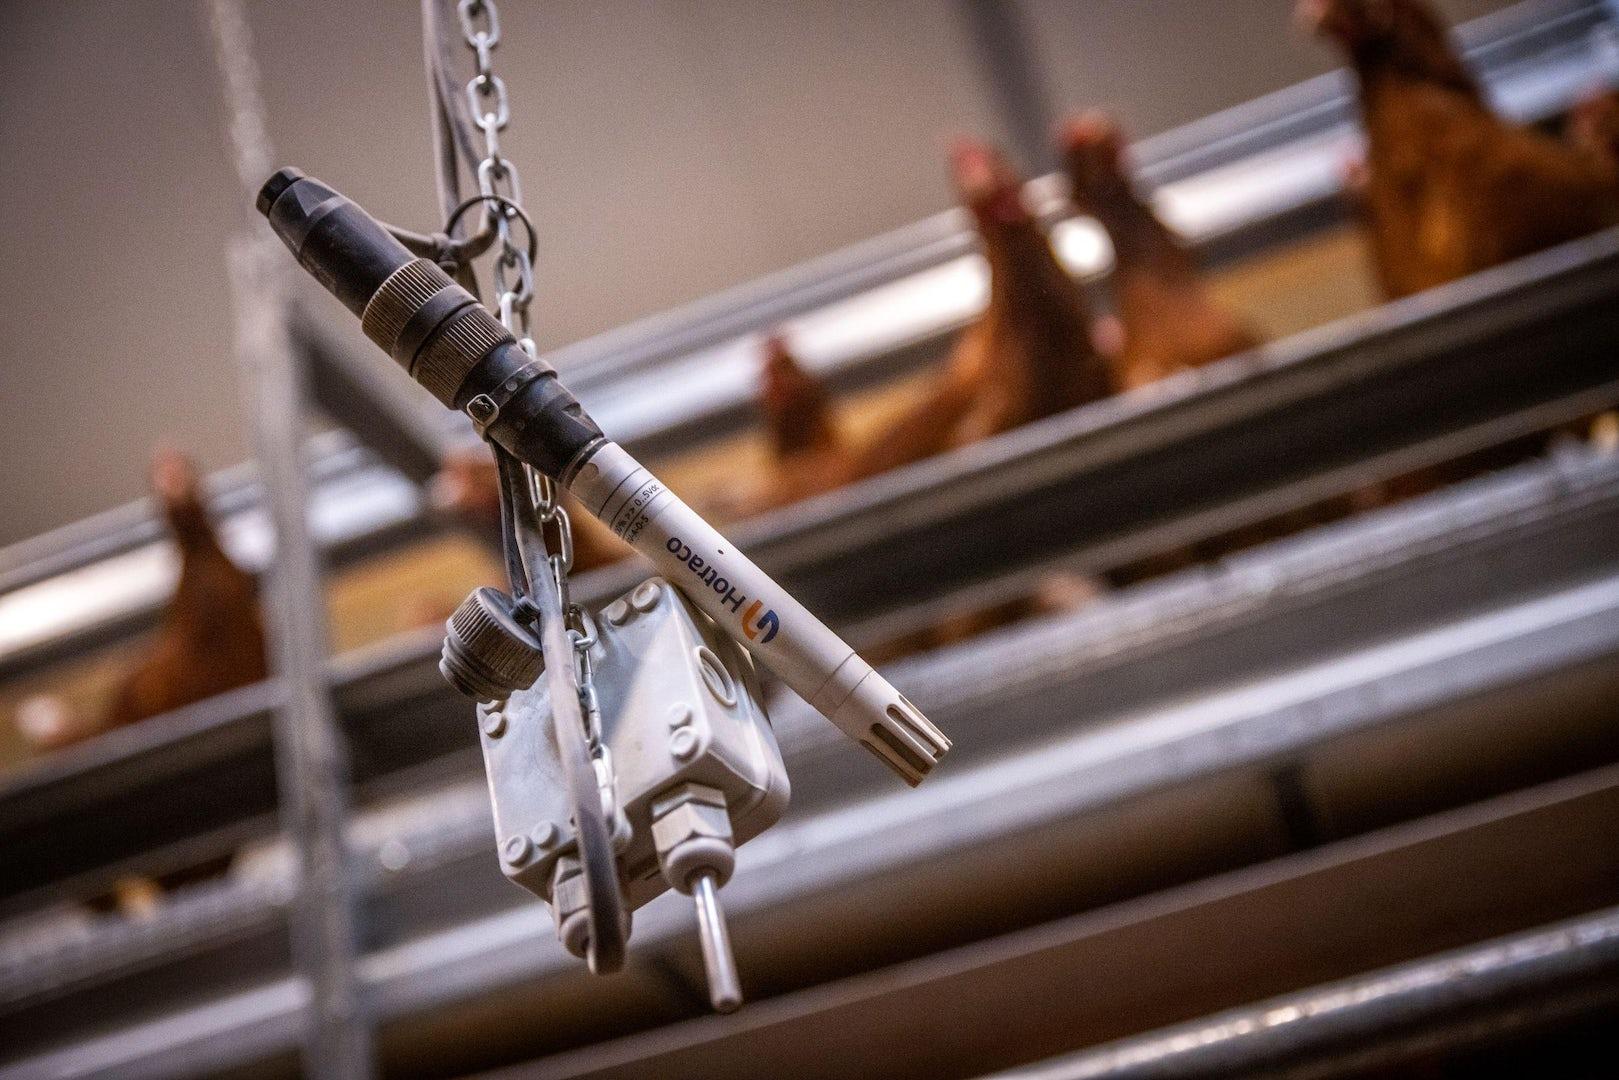 Poultry climate sensors Farm management